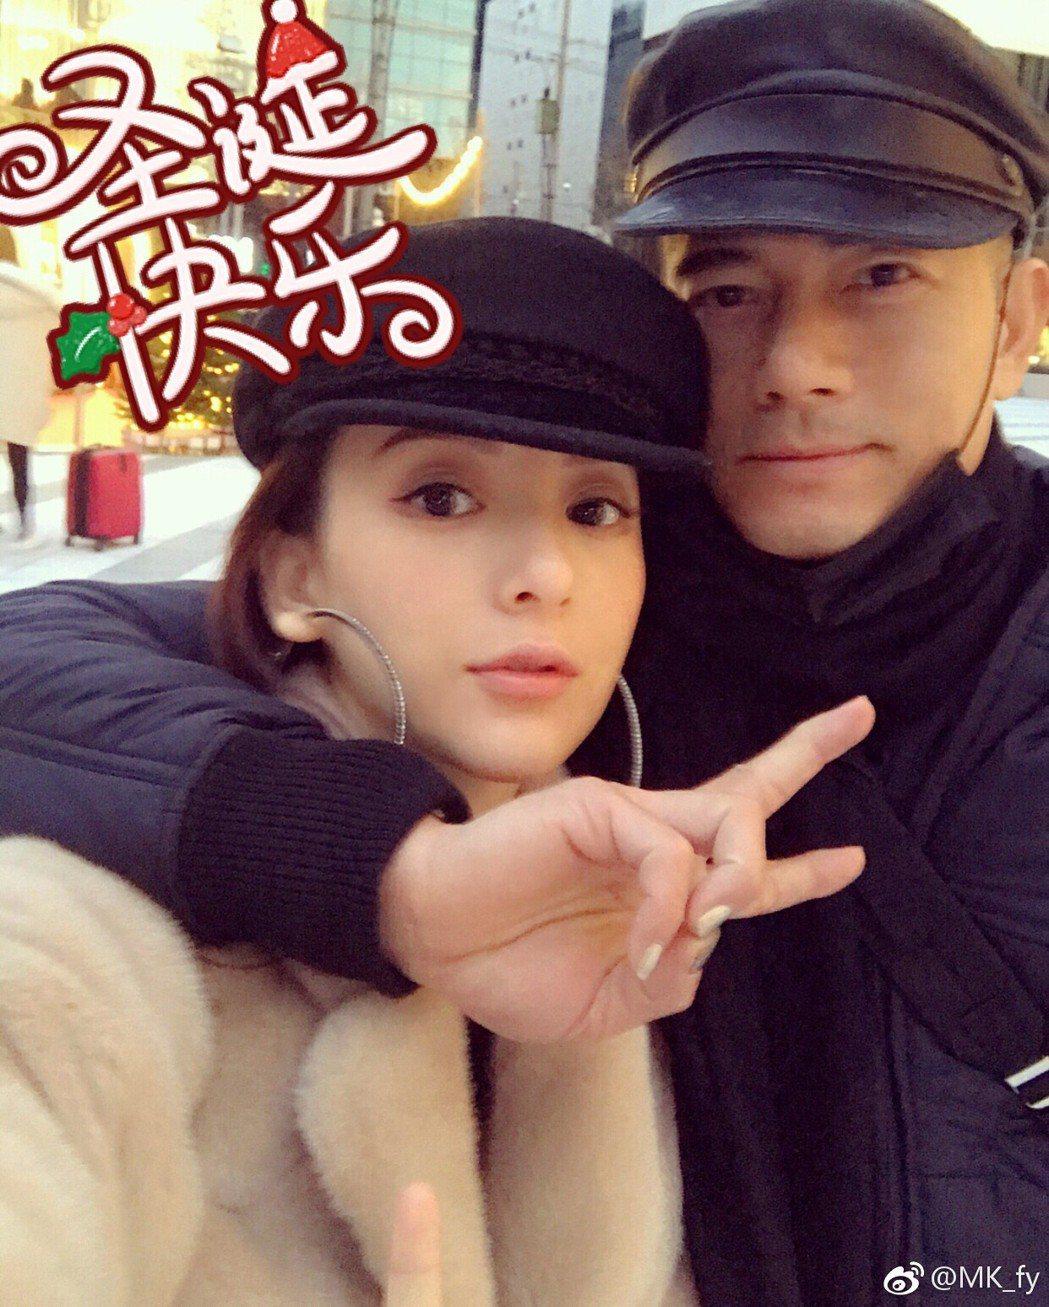 郭富城(右)跟方媛結婚3年多。圖/摘自微博